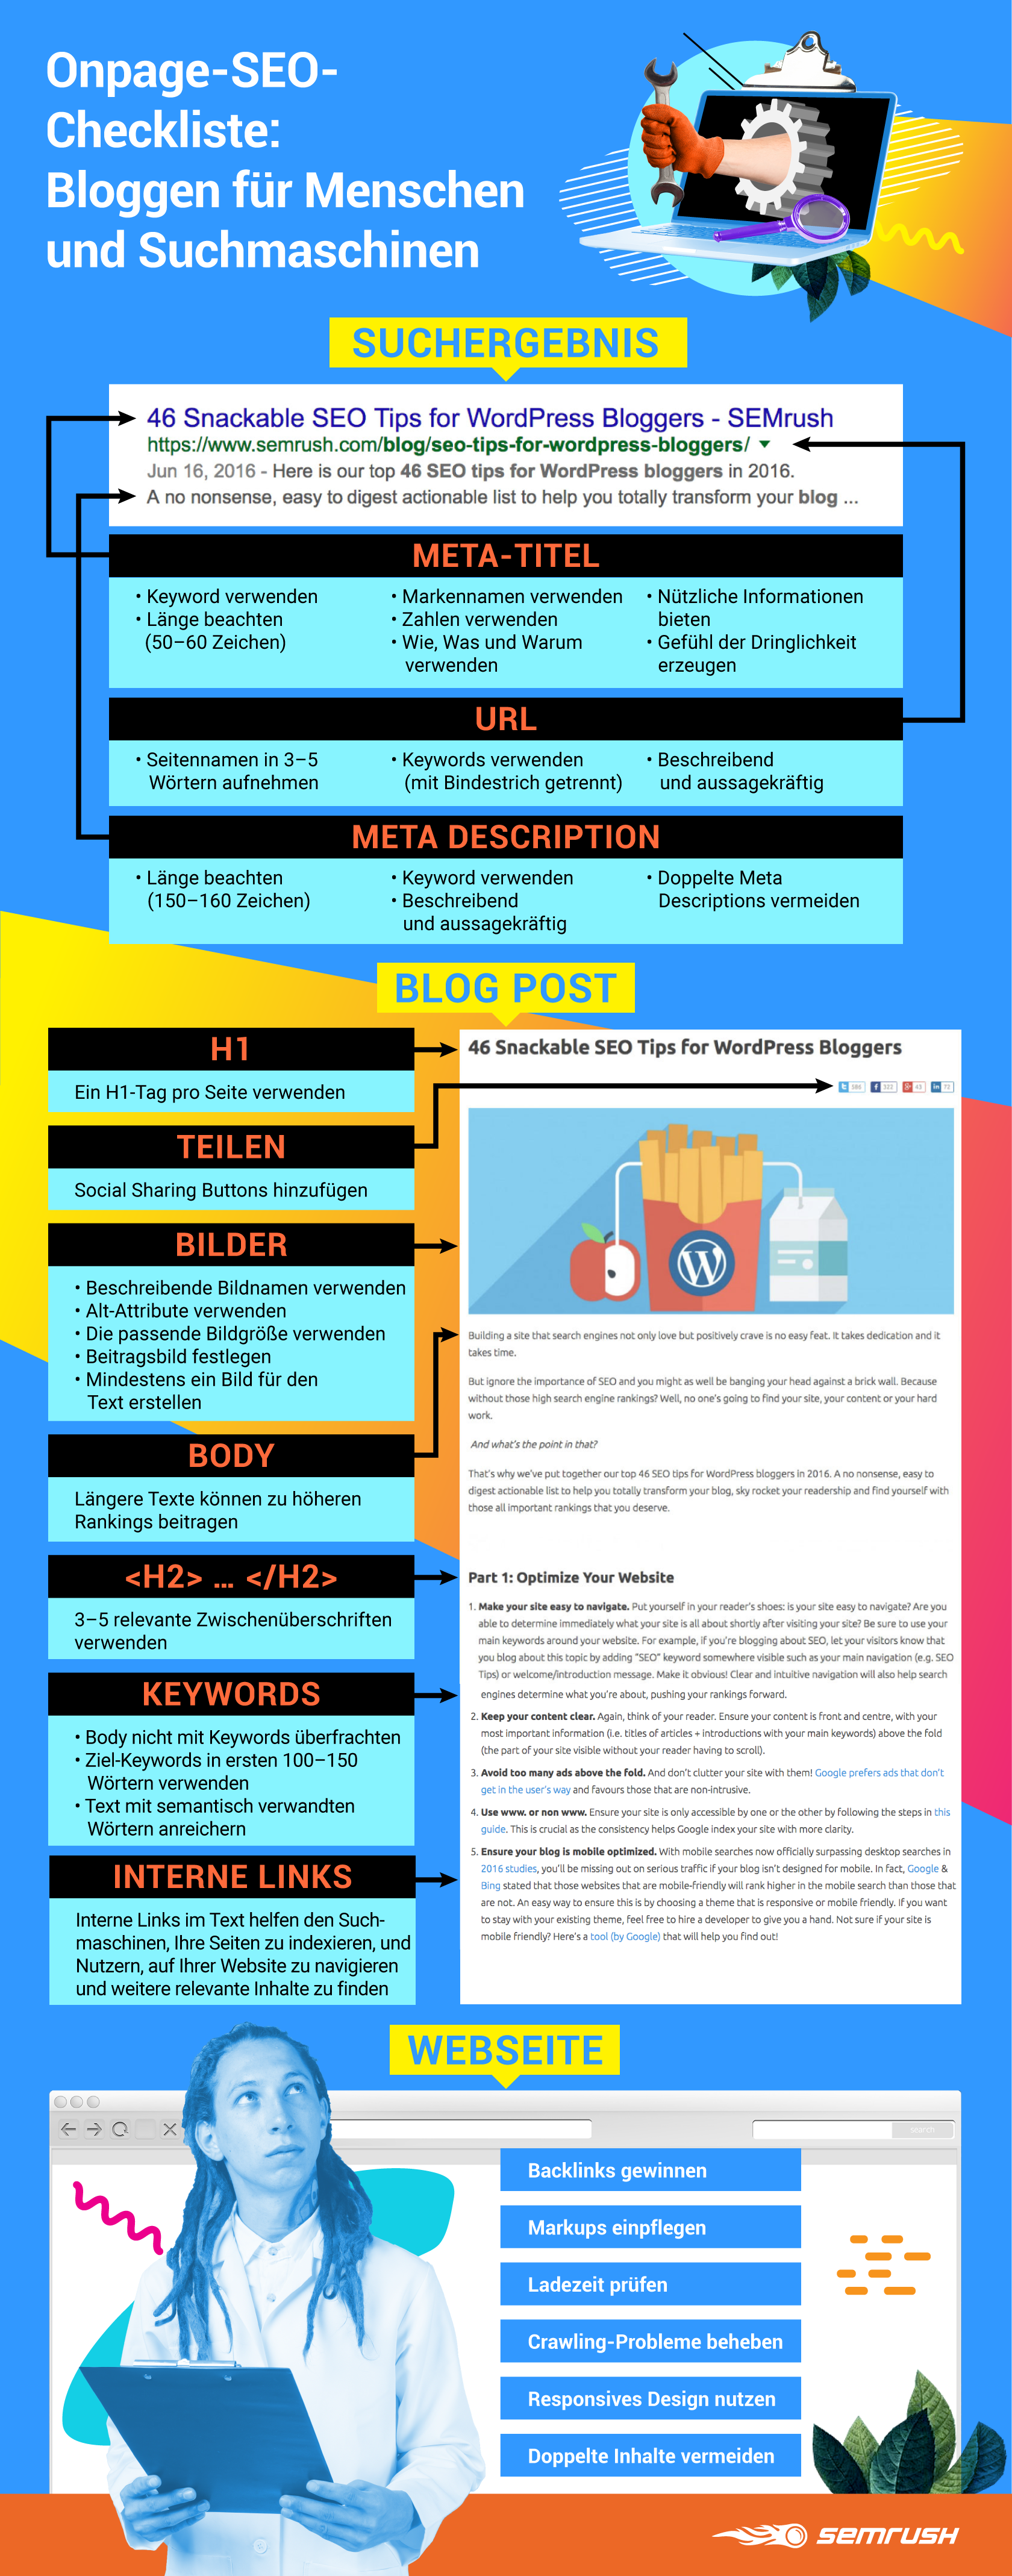 Infografik Checkliste für Onpage-SEO